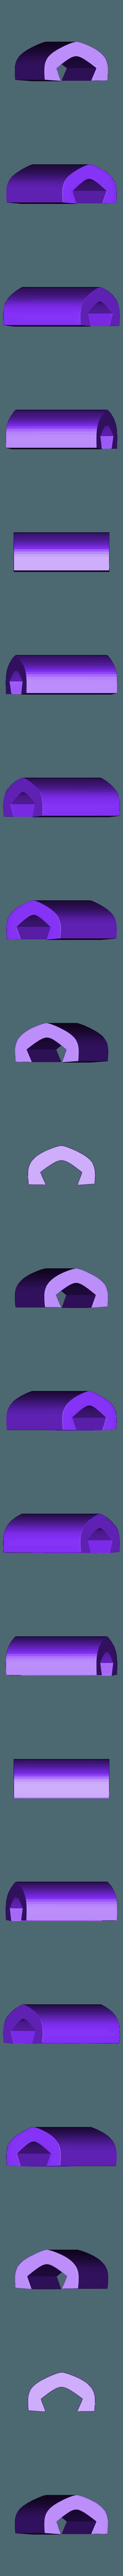 Clip Molds Long.stl Télécharger fichier STL gratuit Jardinières Mold béton • Modèle pour imprimante 3D, dukedoks